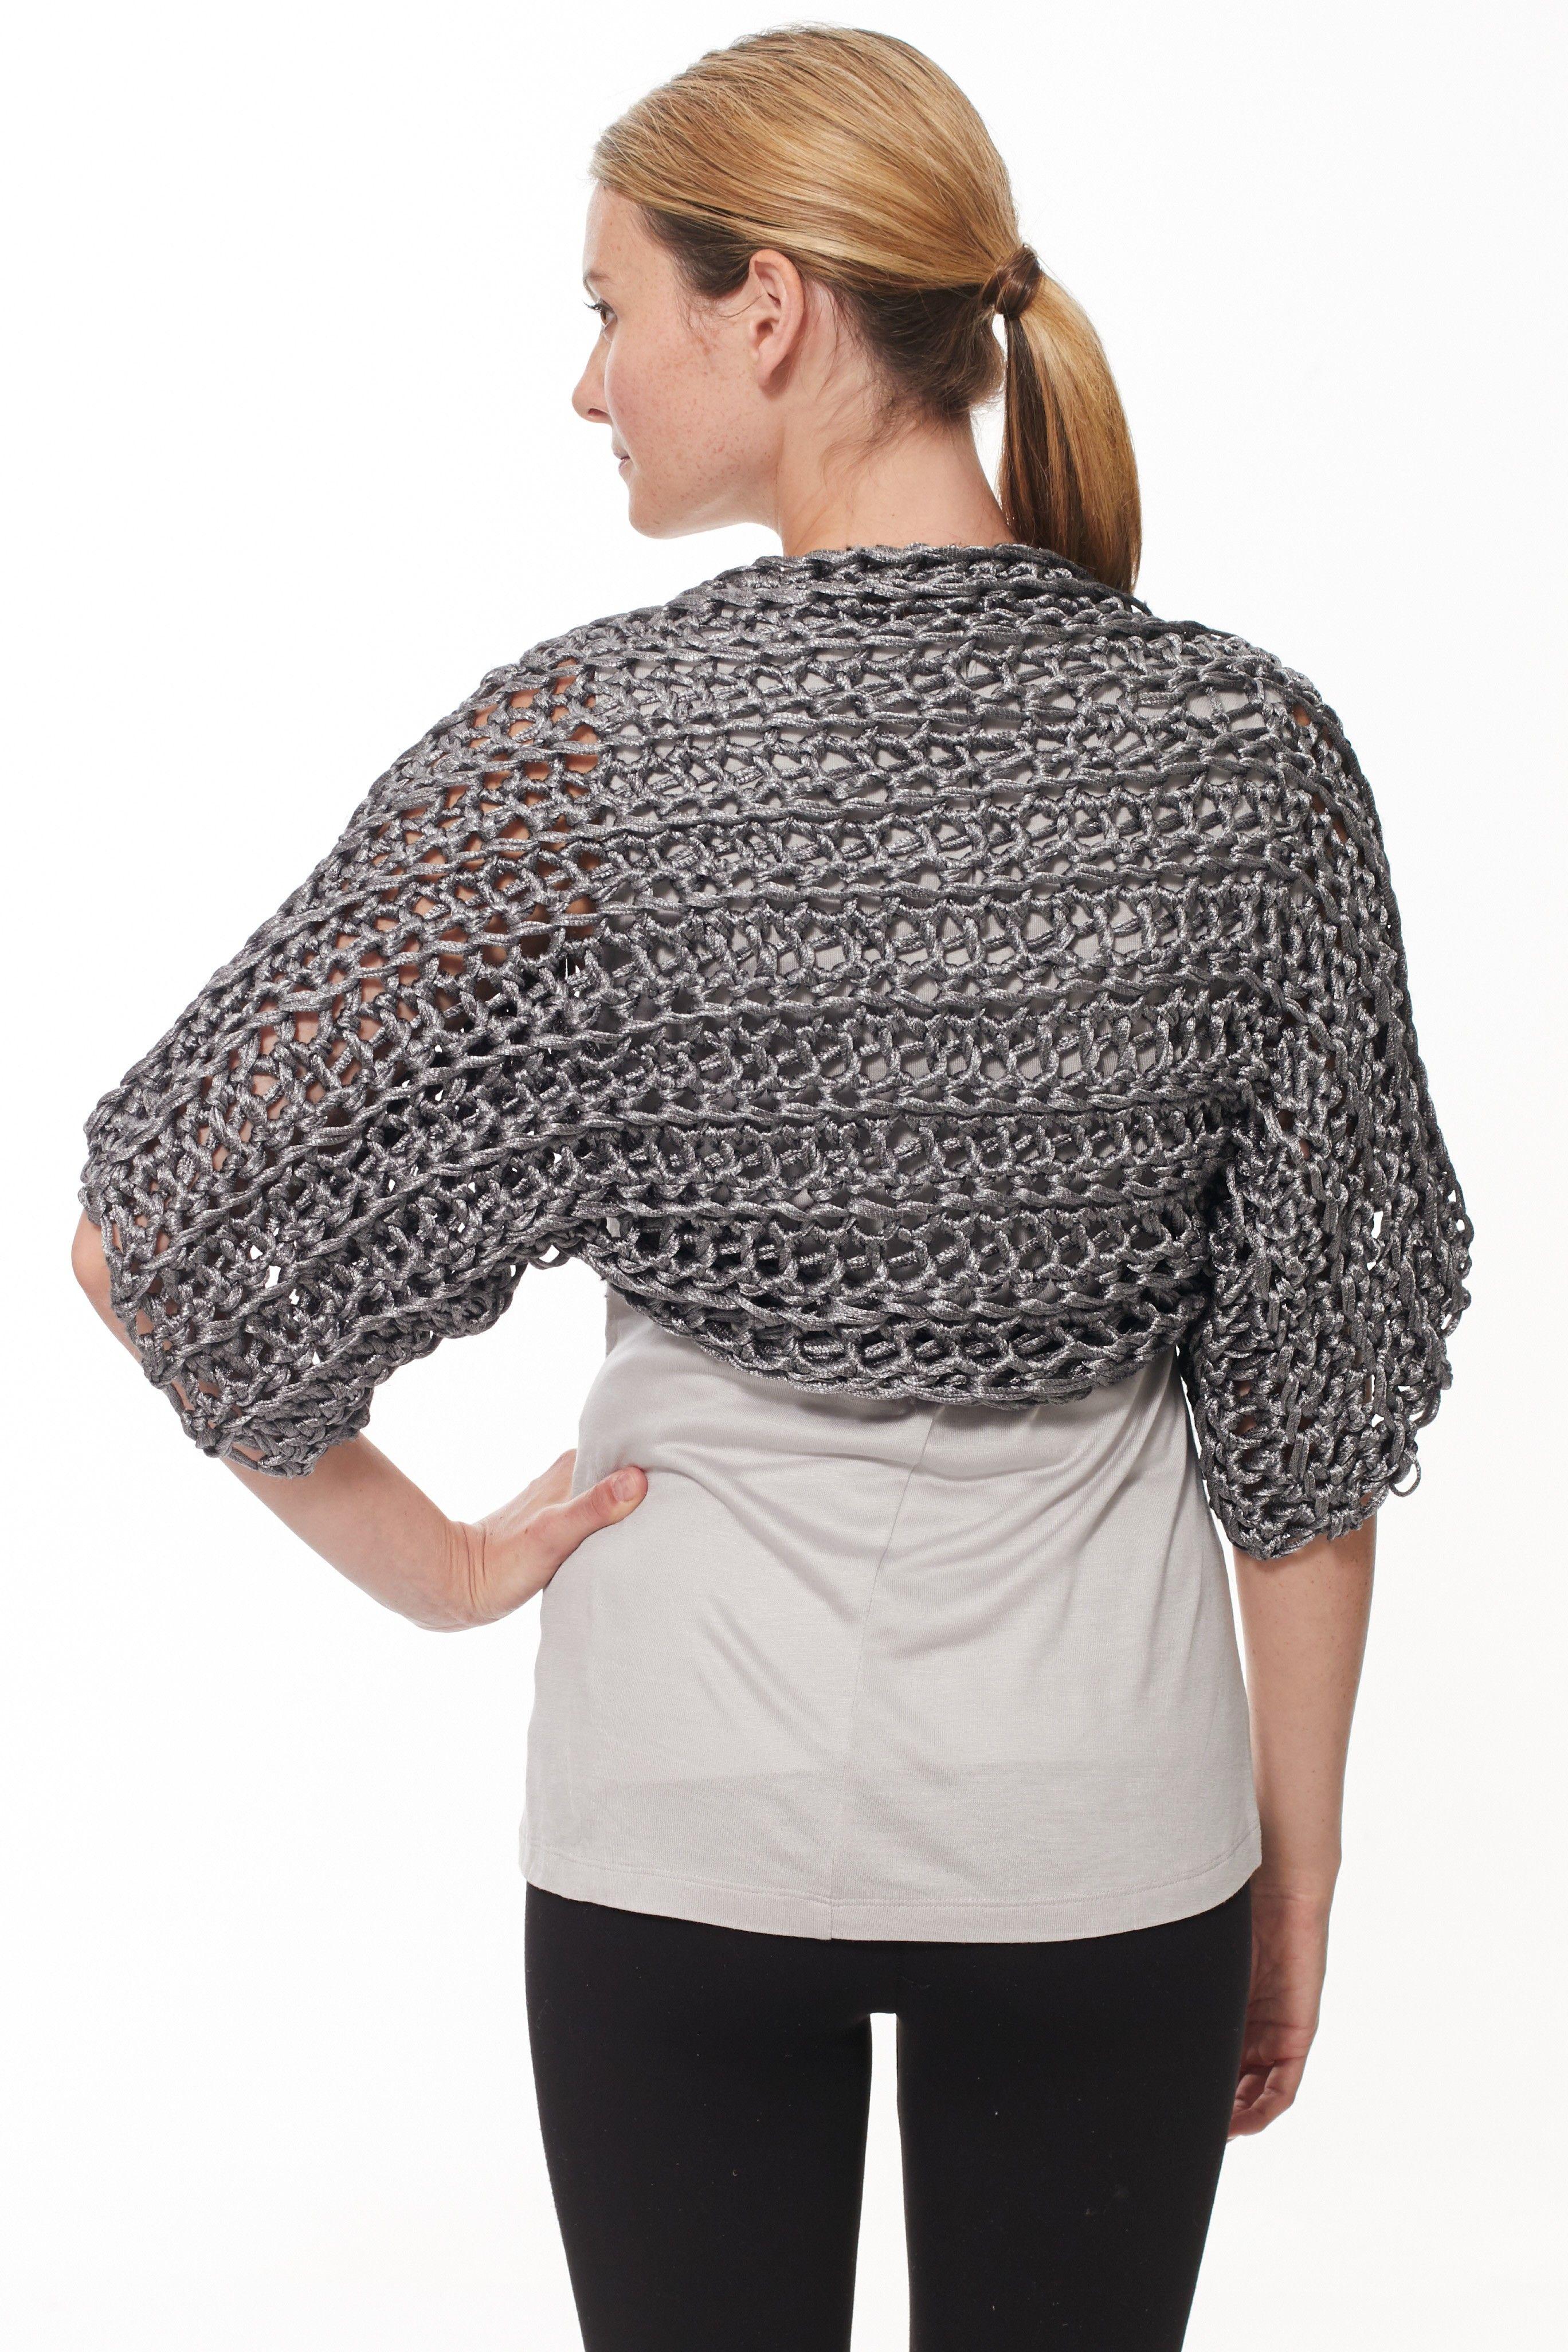 Finger Crochet Shrug: free #crochet #pattern | Crazy Cool Crochet ...